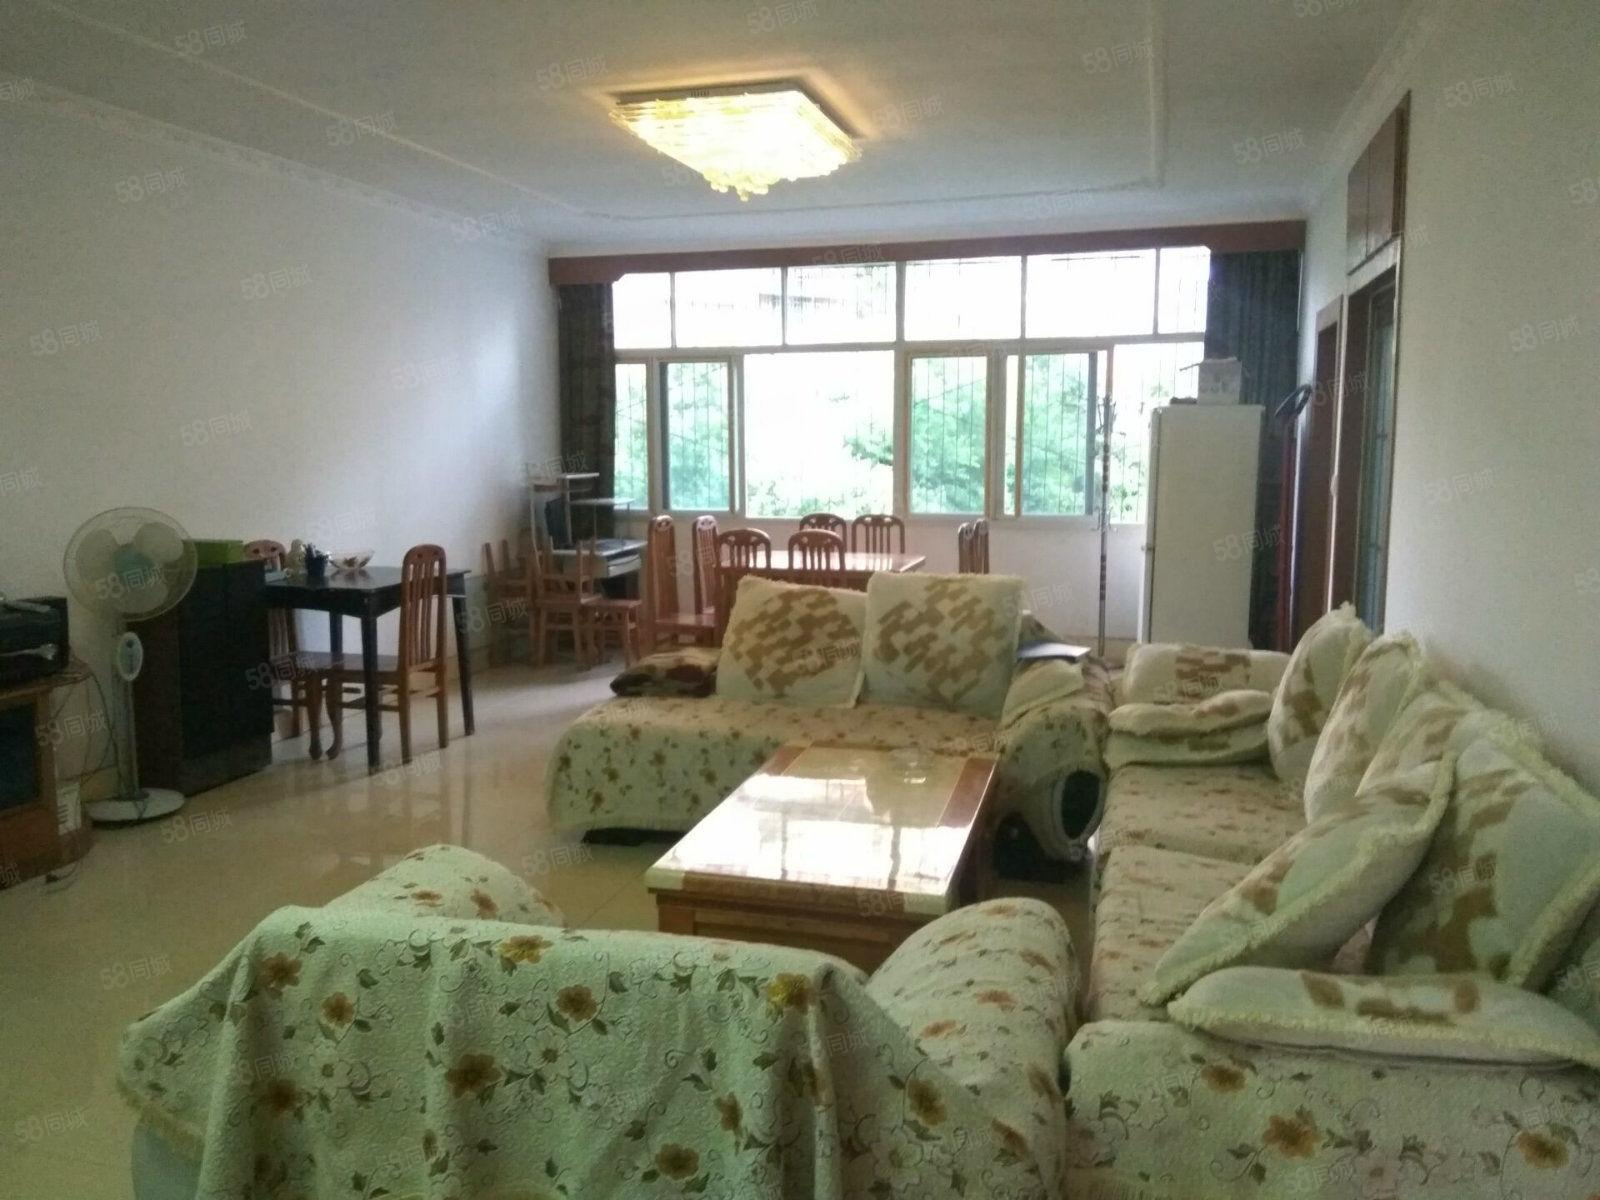 成龙街小区房5楼3室2厅家具电器齐全空调两台随时入住